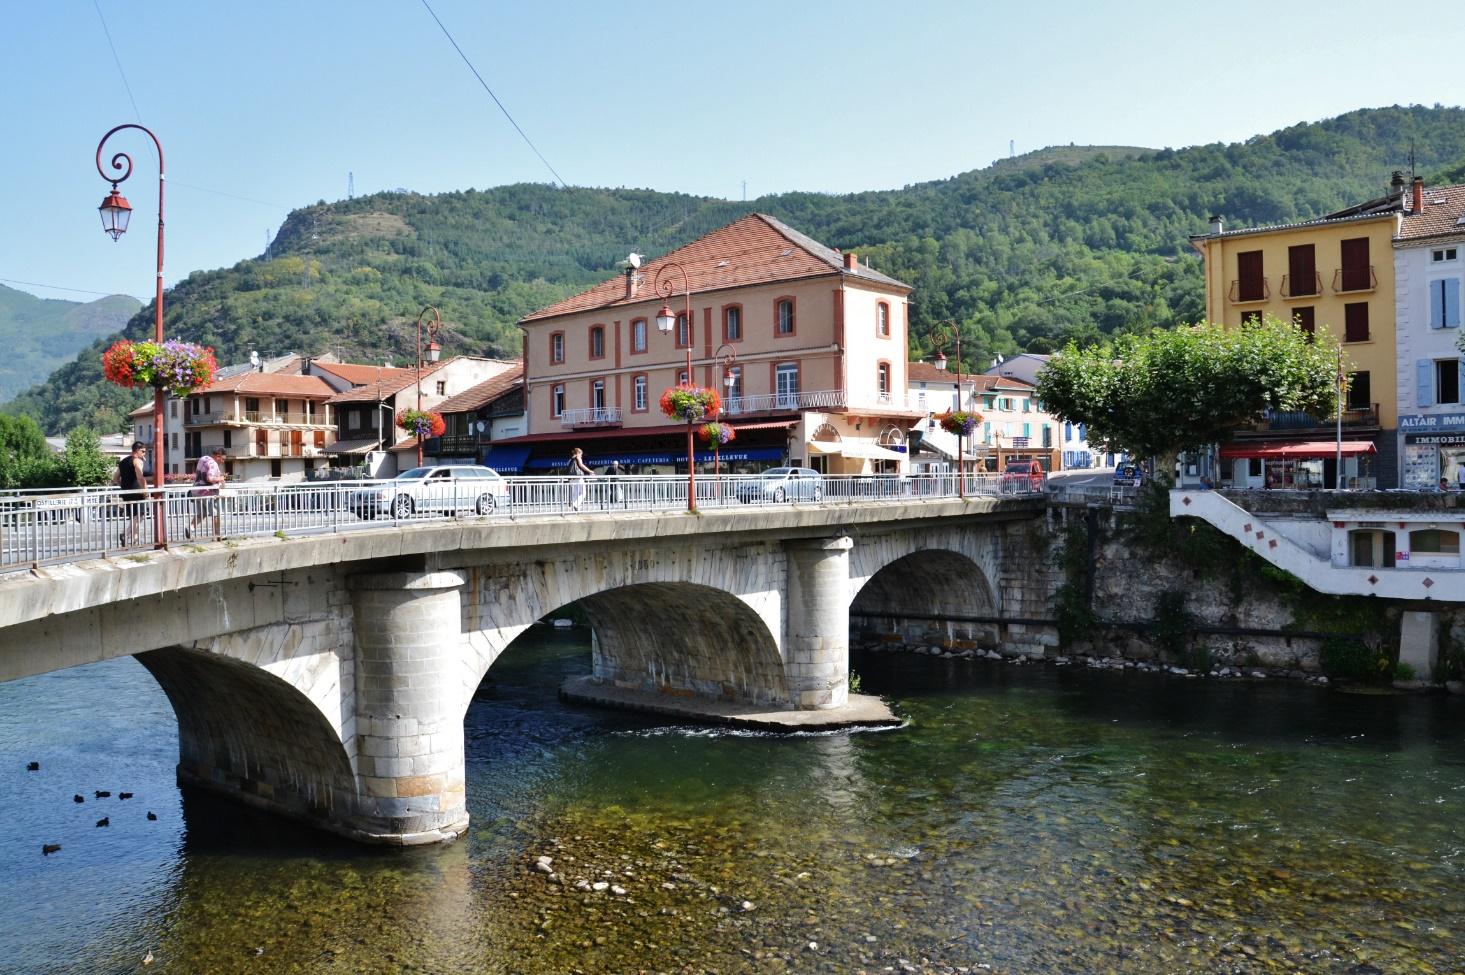 Tarascon-sur-Ariège is een prima stadje en over de Ariège kan men uitstekend kanovaren, iets waar het olijke duo Dijkstra & Ducrot blij van zal worden (Foto: WikiCommons)